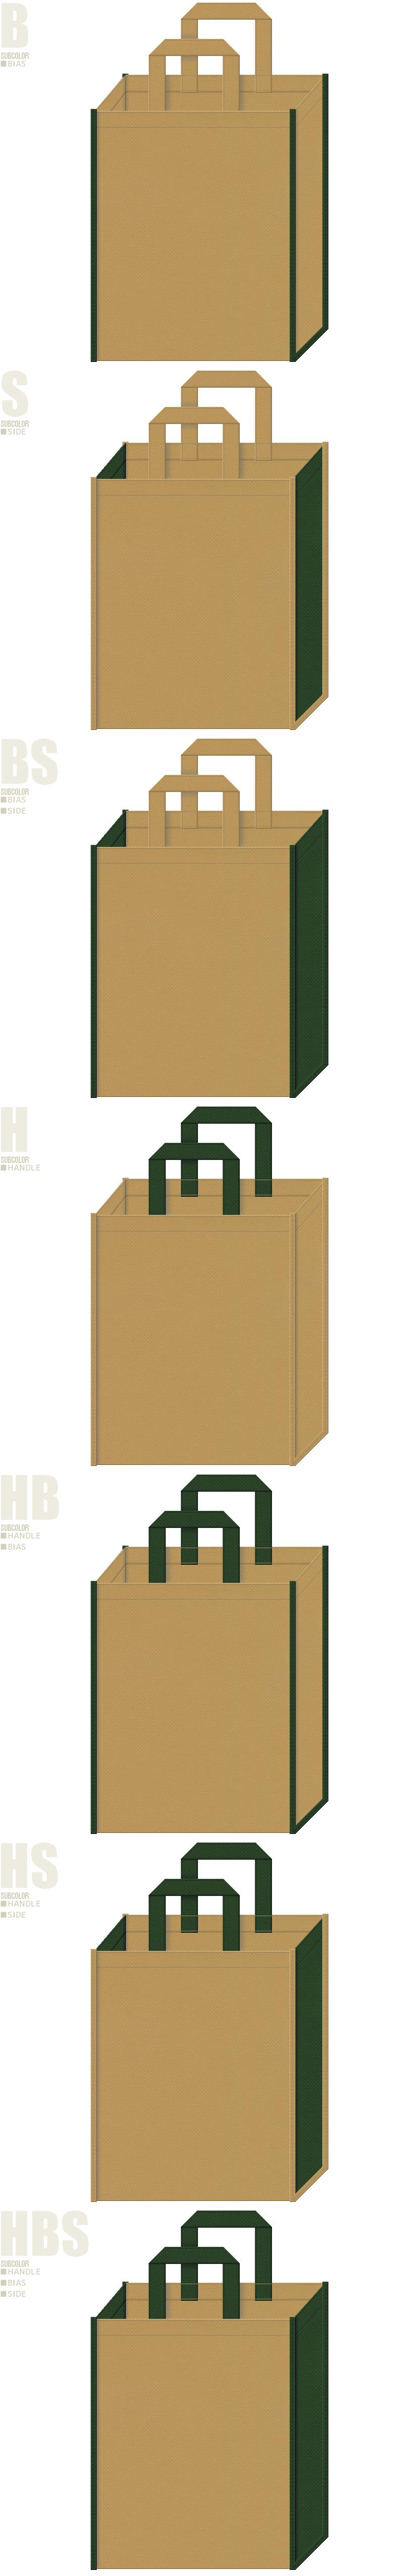 動物園・テーマパーク・探検・ジャングル・恐竜・サバンナ・サファリ・アニマル・迷彩色・キャンプ用品・アウトドア用品・DIYの展示会用バッグにお奨めの不織布バッグデザイン:金黄土色と濃緑色の配色7パターン